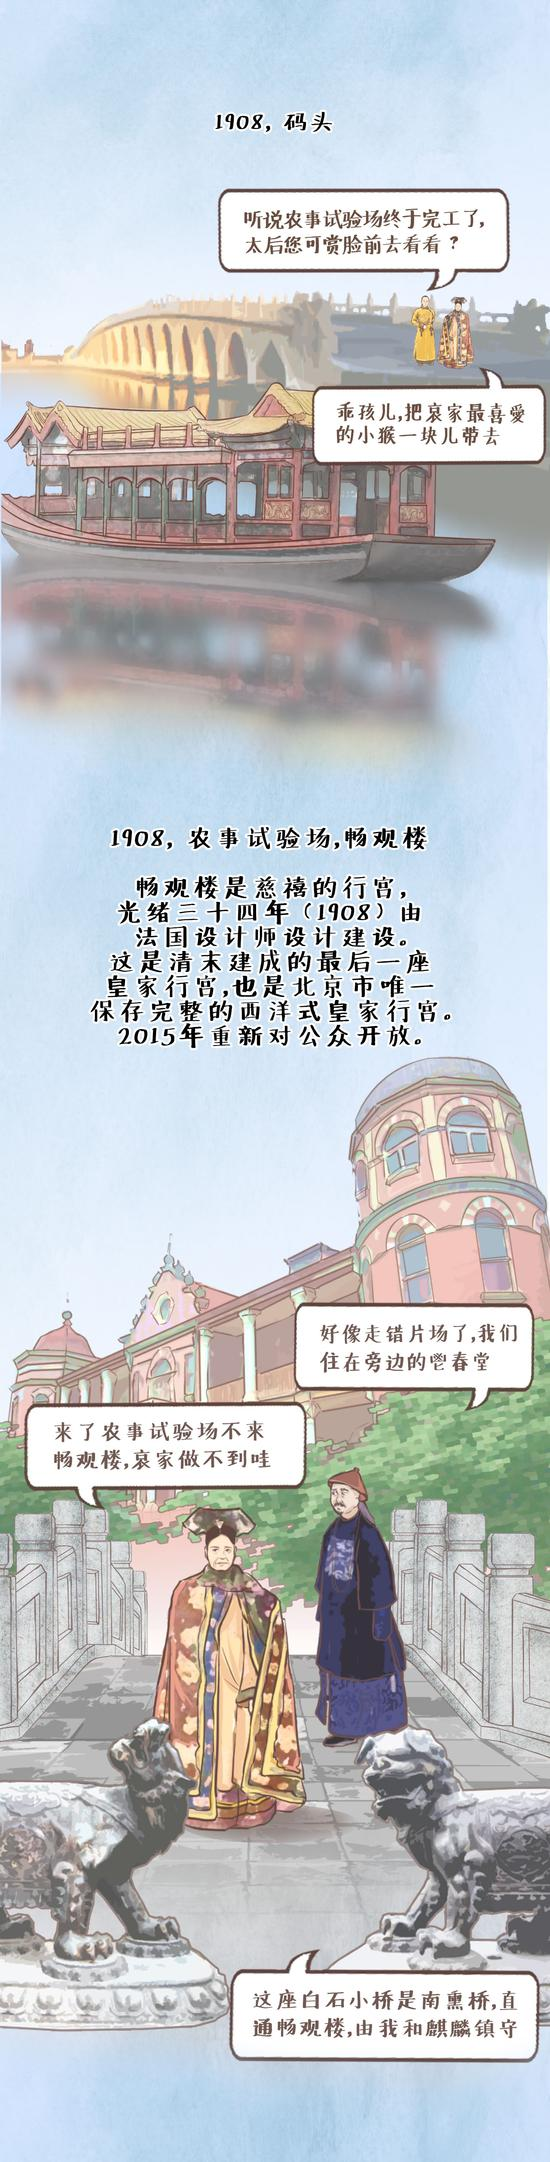 北京动物园动物冤死史